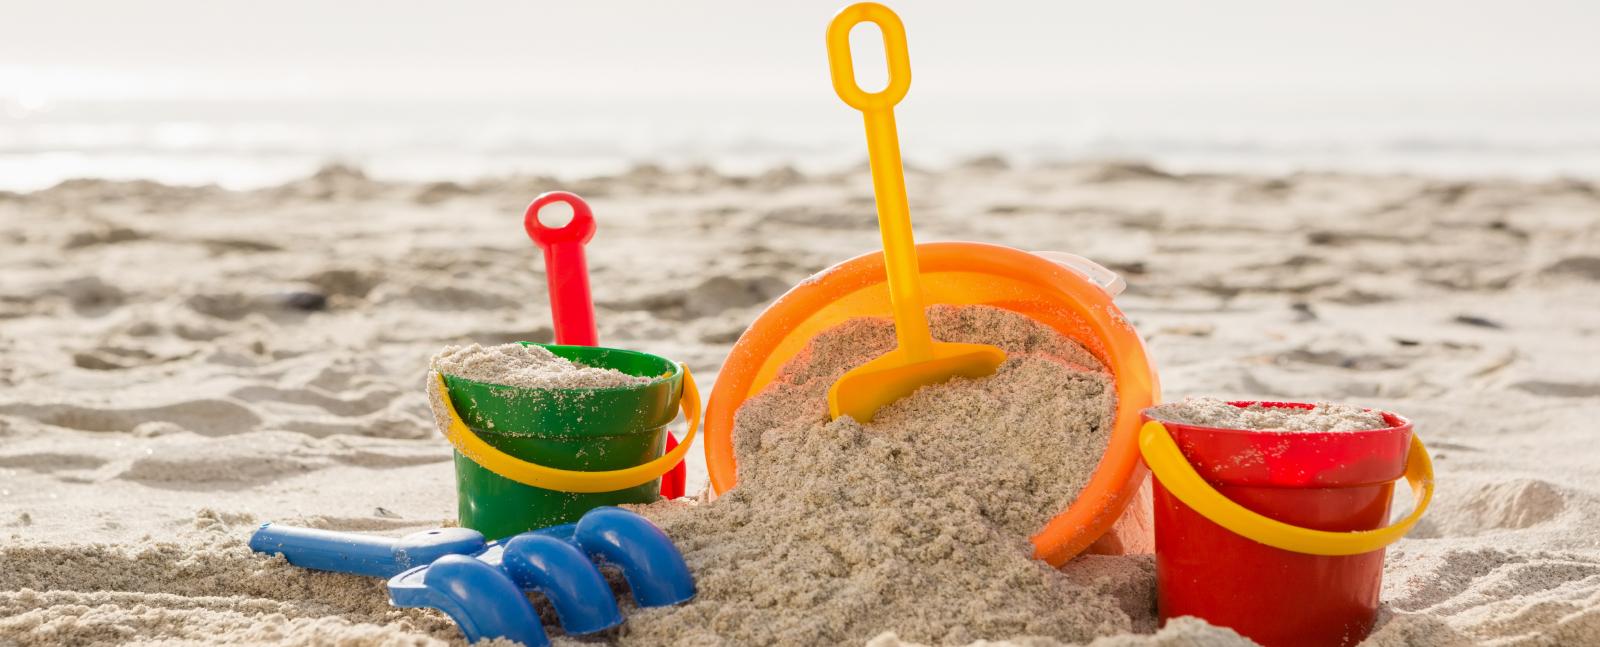 Juguetes-playa